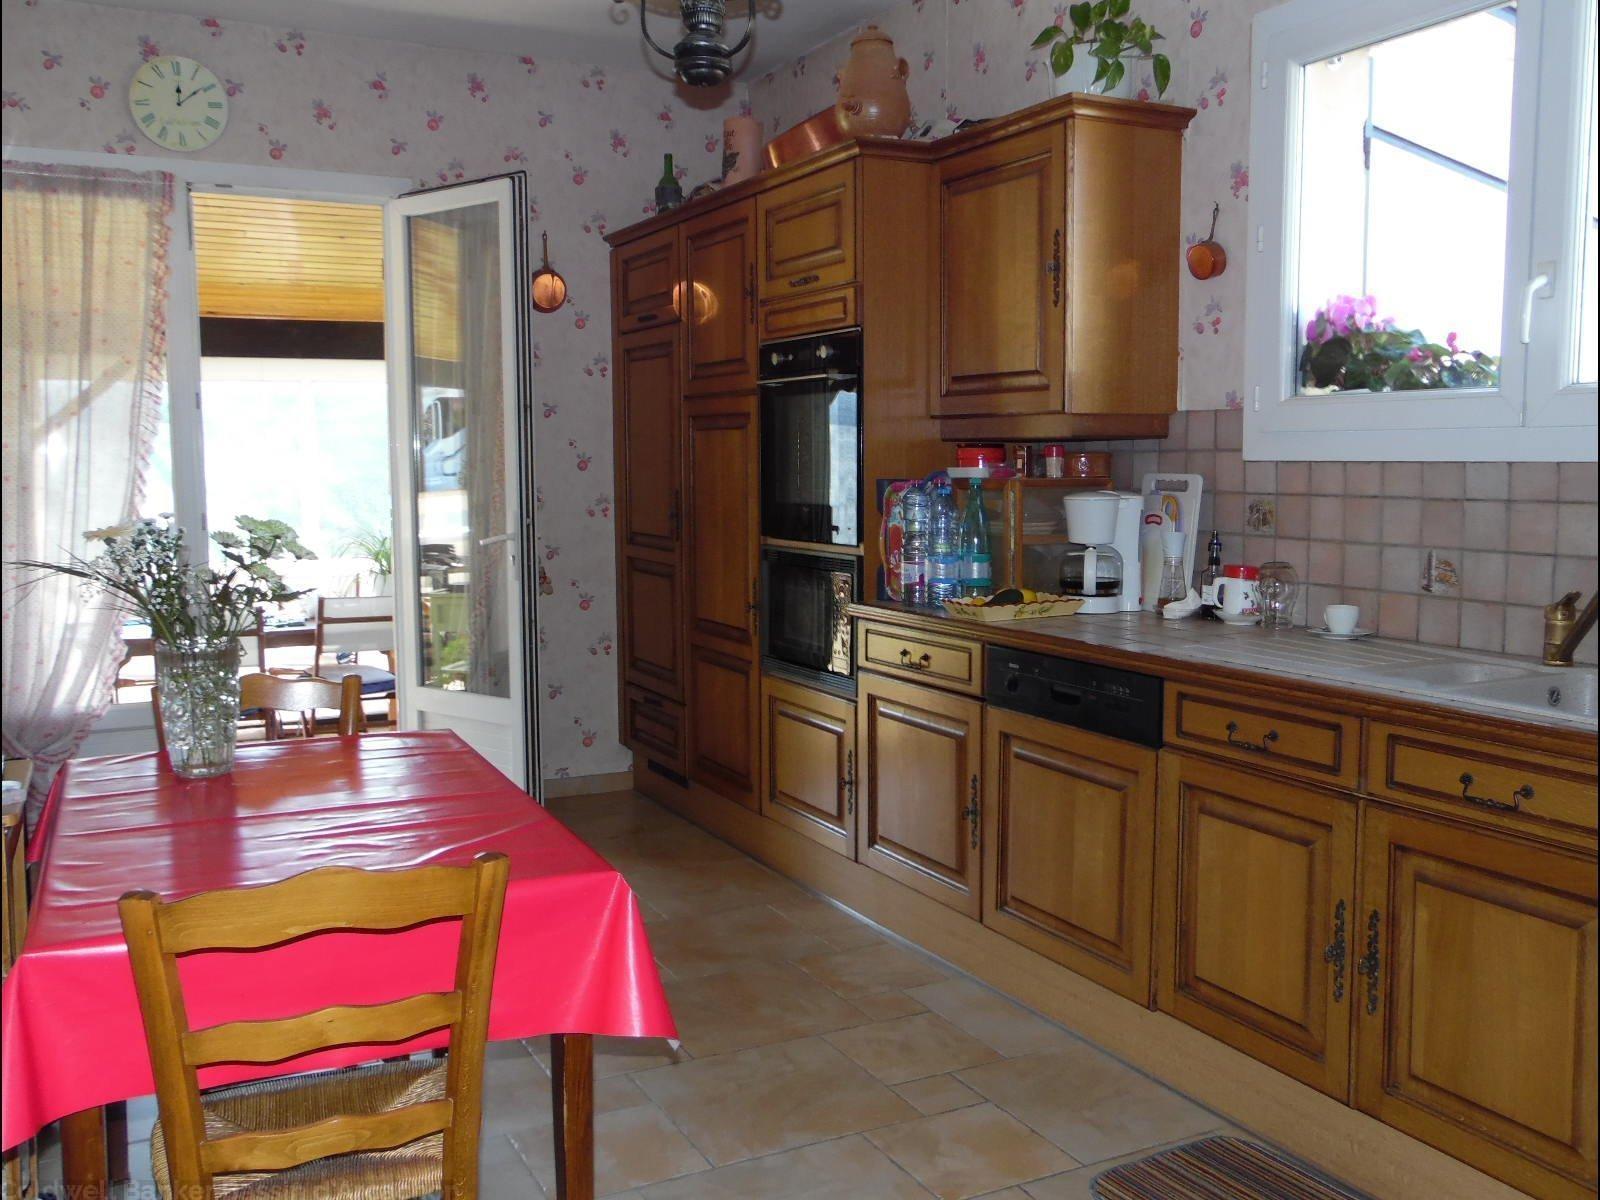 Vente maison villa bordeaux pessac maison de pain pied for Appartement bordeaux pessac